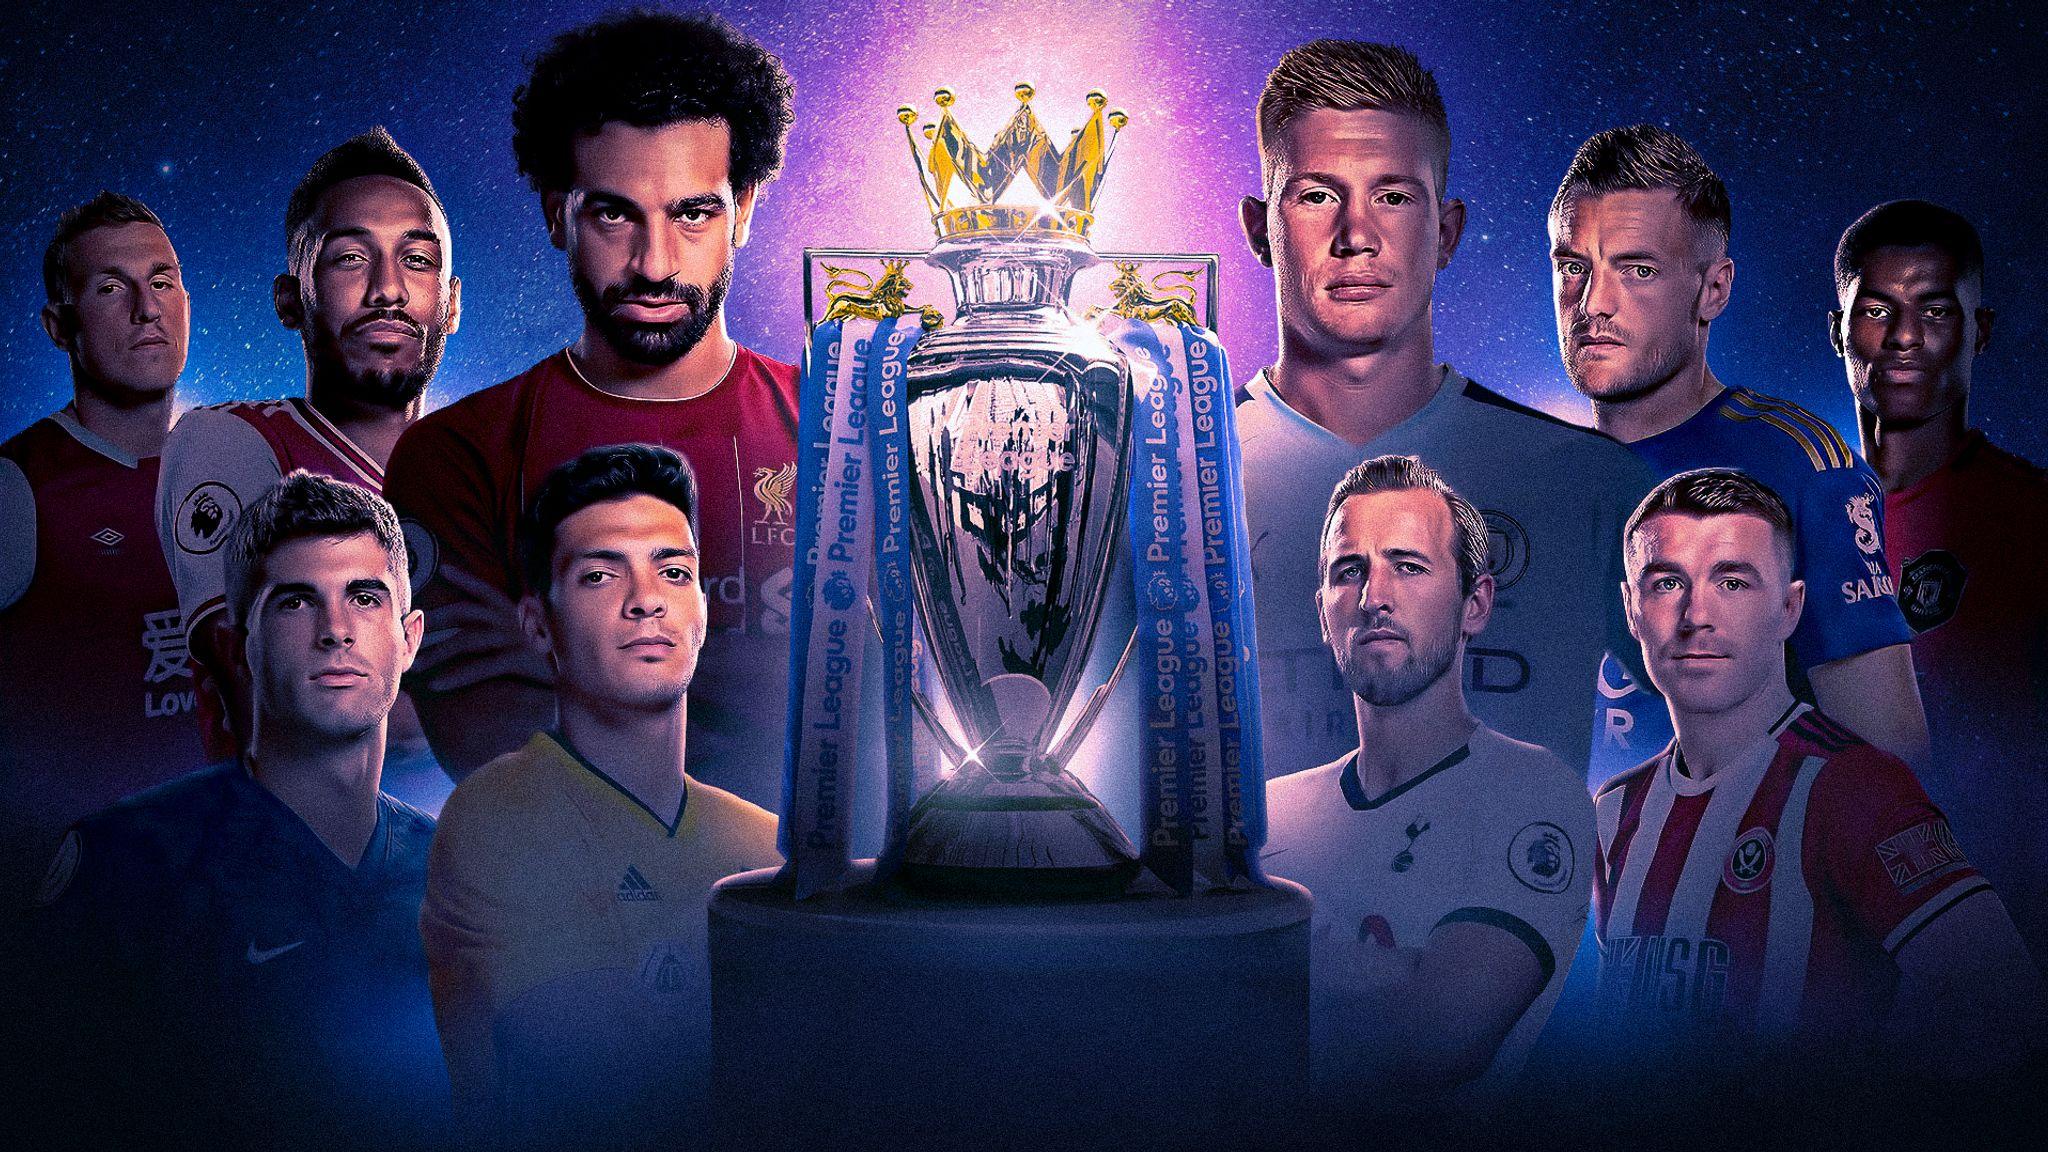 Điểm danh những cái tên sáng giá nhất Premier League hiện tại